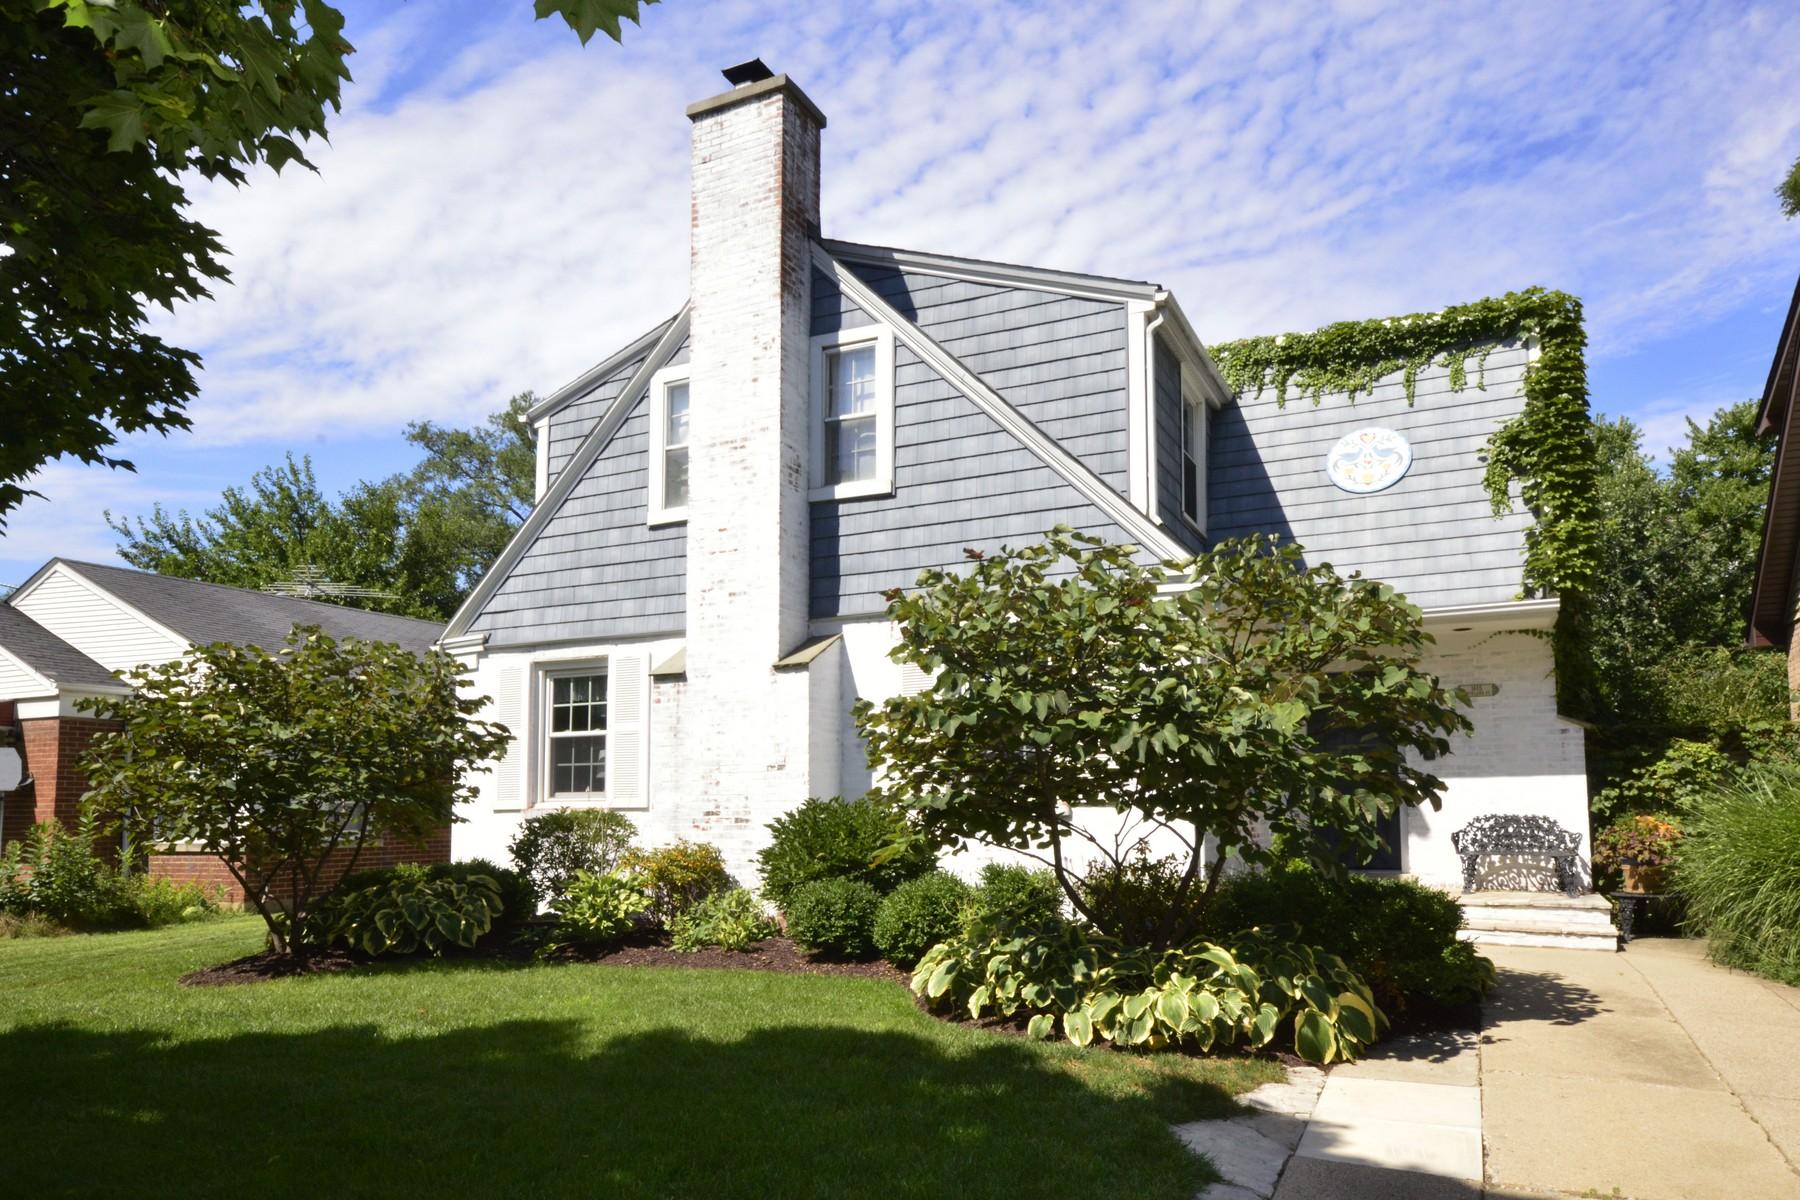 Casa para uma família para Venda às Wonderful White-Washed Brick And Frame Cape Cod 1615 Cleveland Street Evanston, Illinois, 60202 Estados Unidos